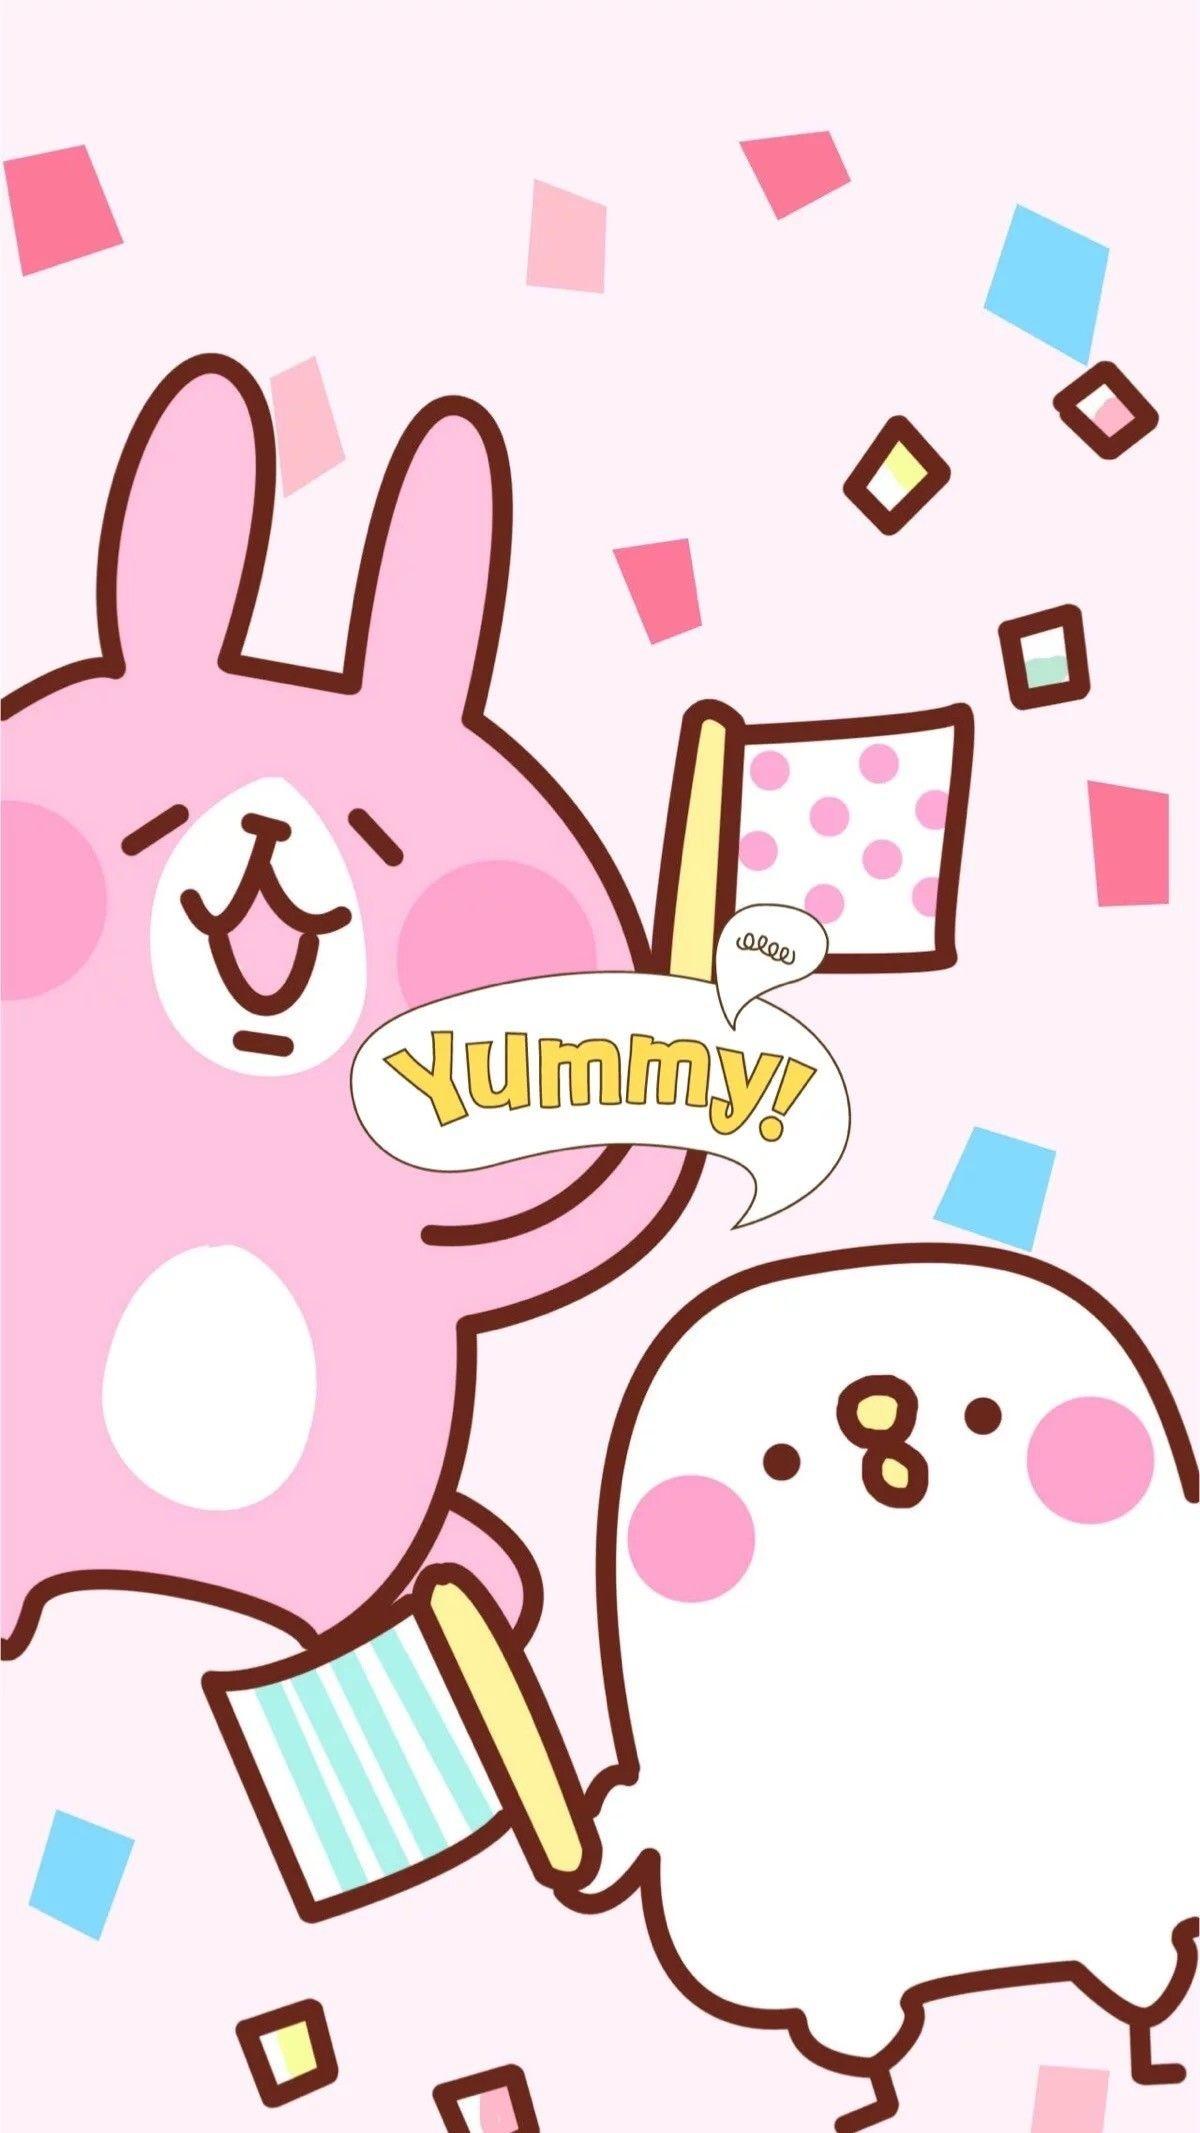 Cute Kawaii Wallpaper For Iphone Data Src Super Cute - 粉紅 兔 兔 卡通 - 1200x2133 Wallpaper - teahub.io